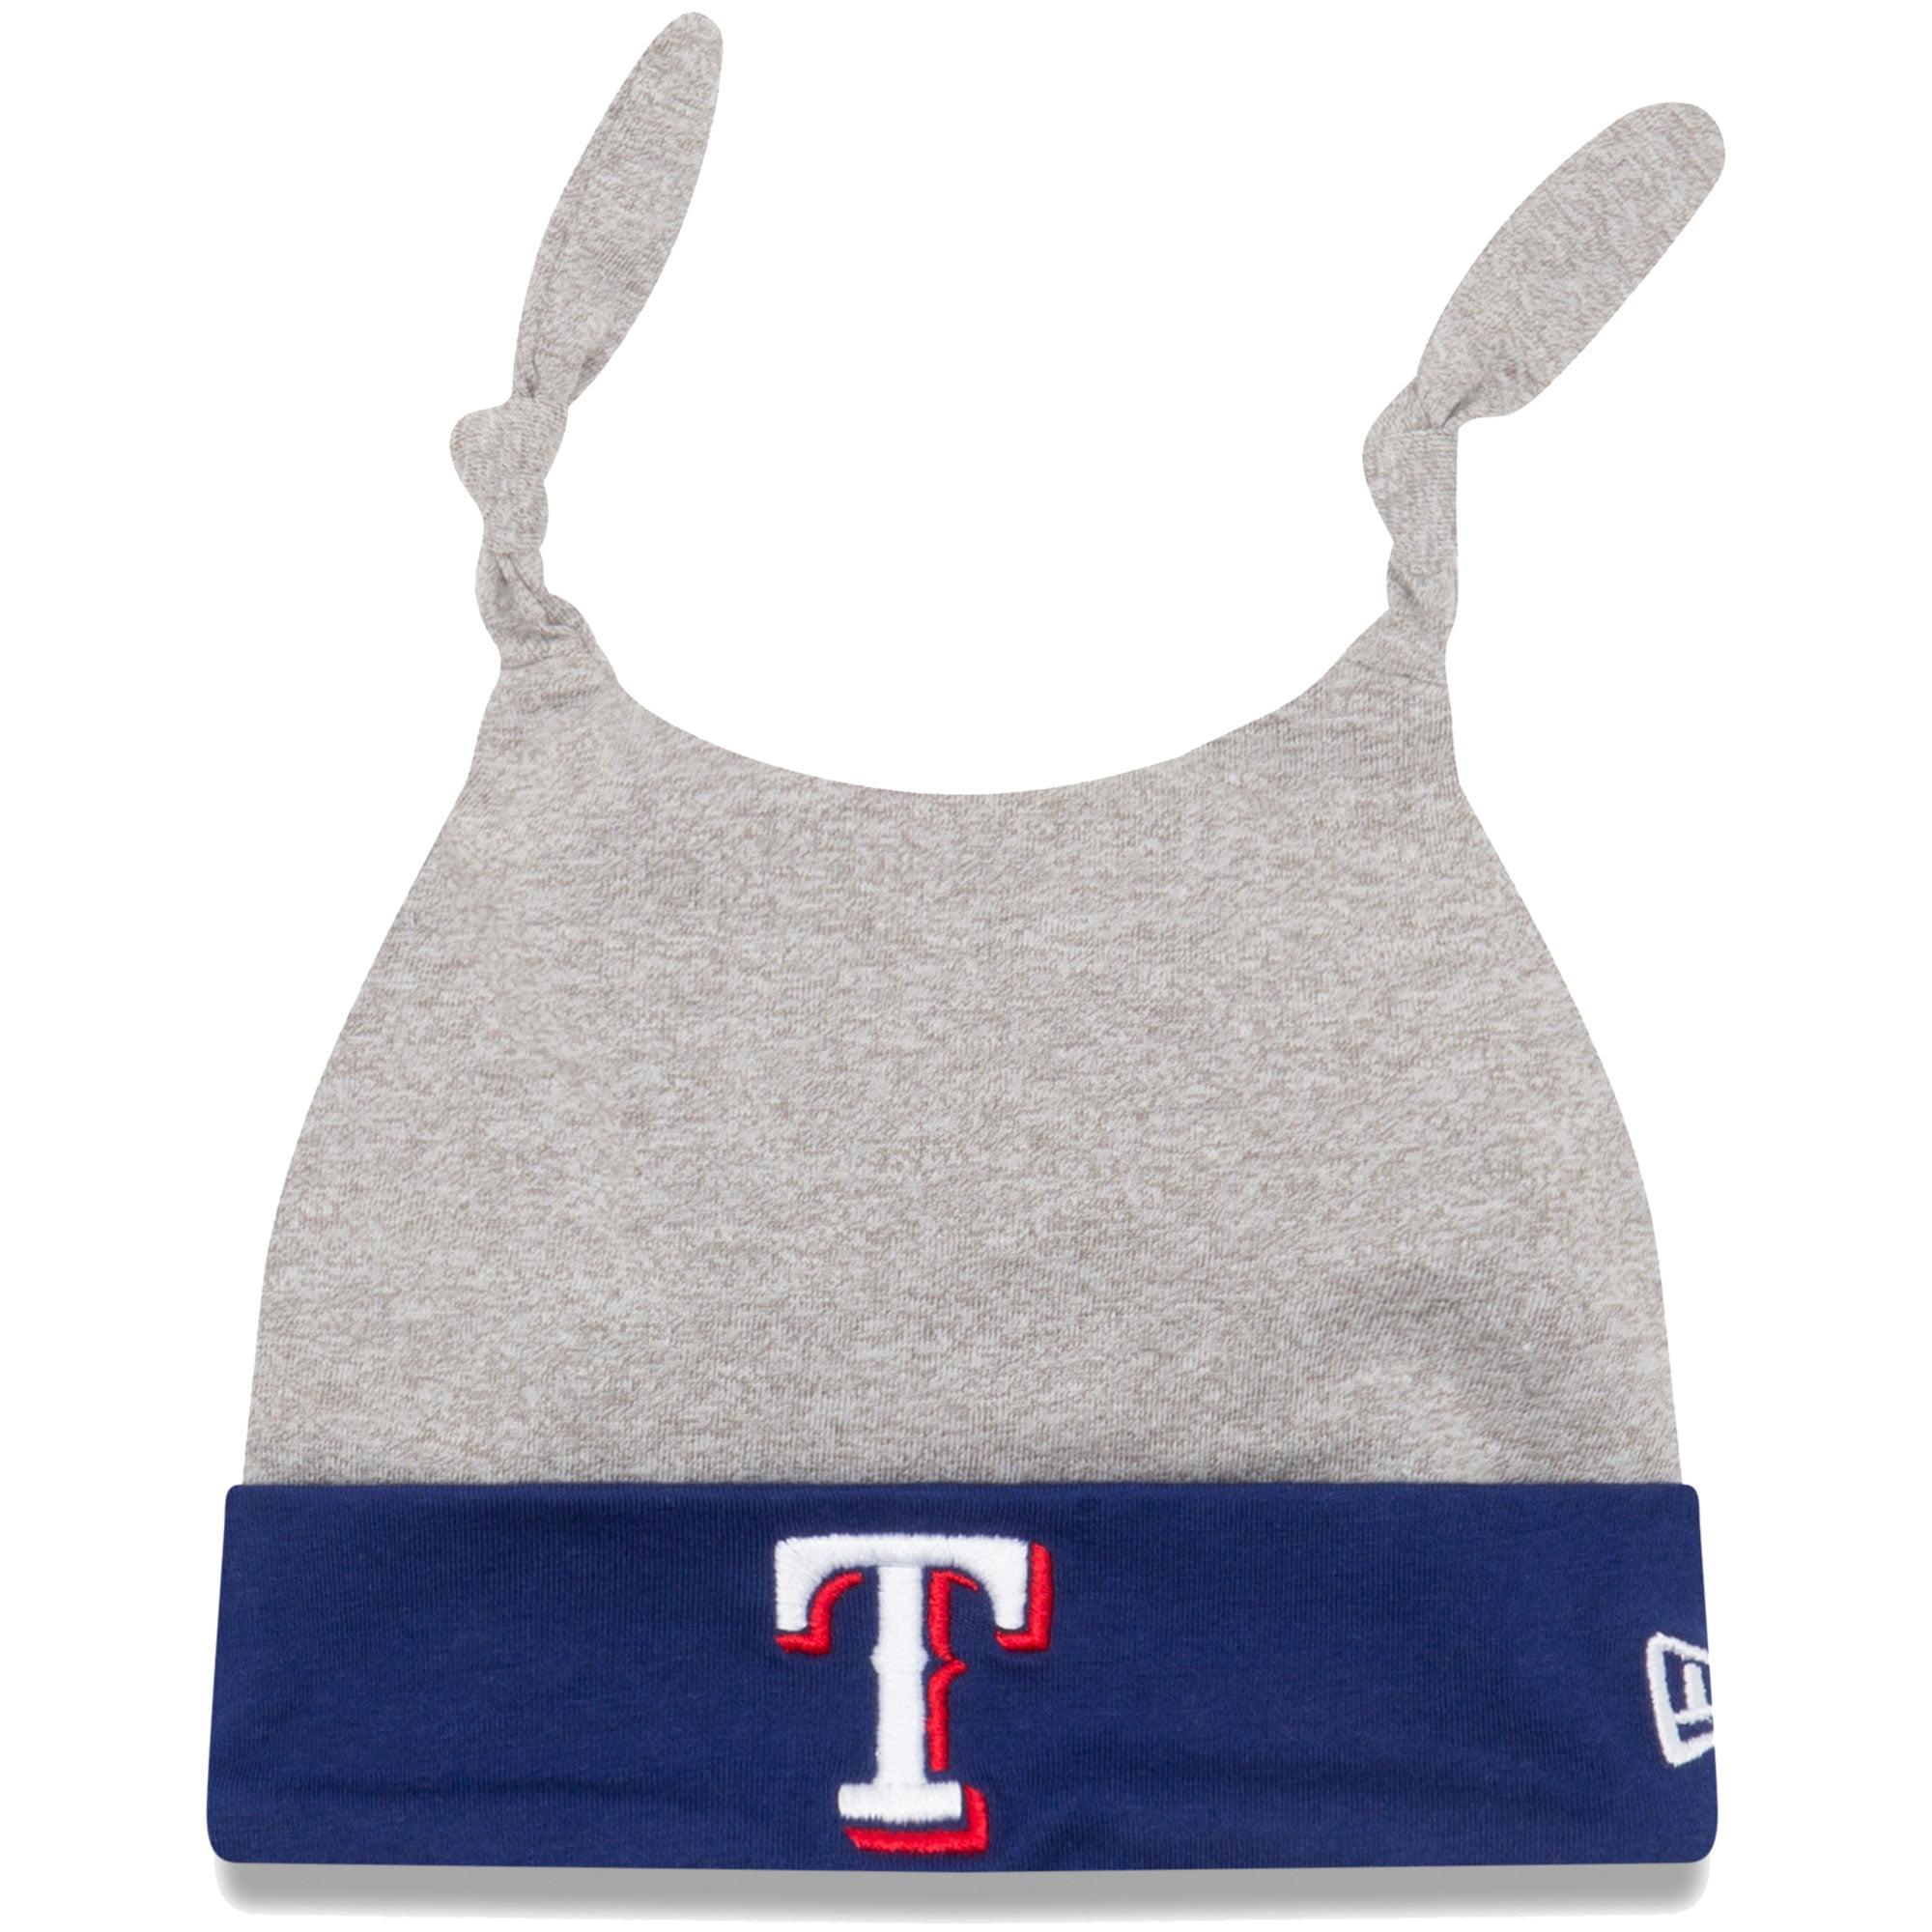 Texas Rangers New Era Newborn Speckle Tot Dub Cuffed Knit Hat - Gray/Royal - OSFA